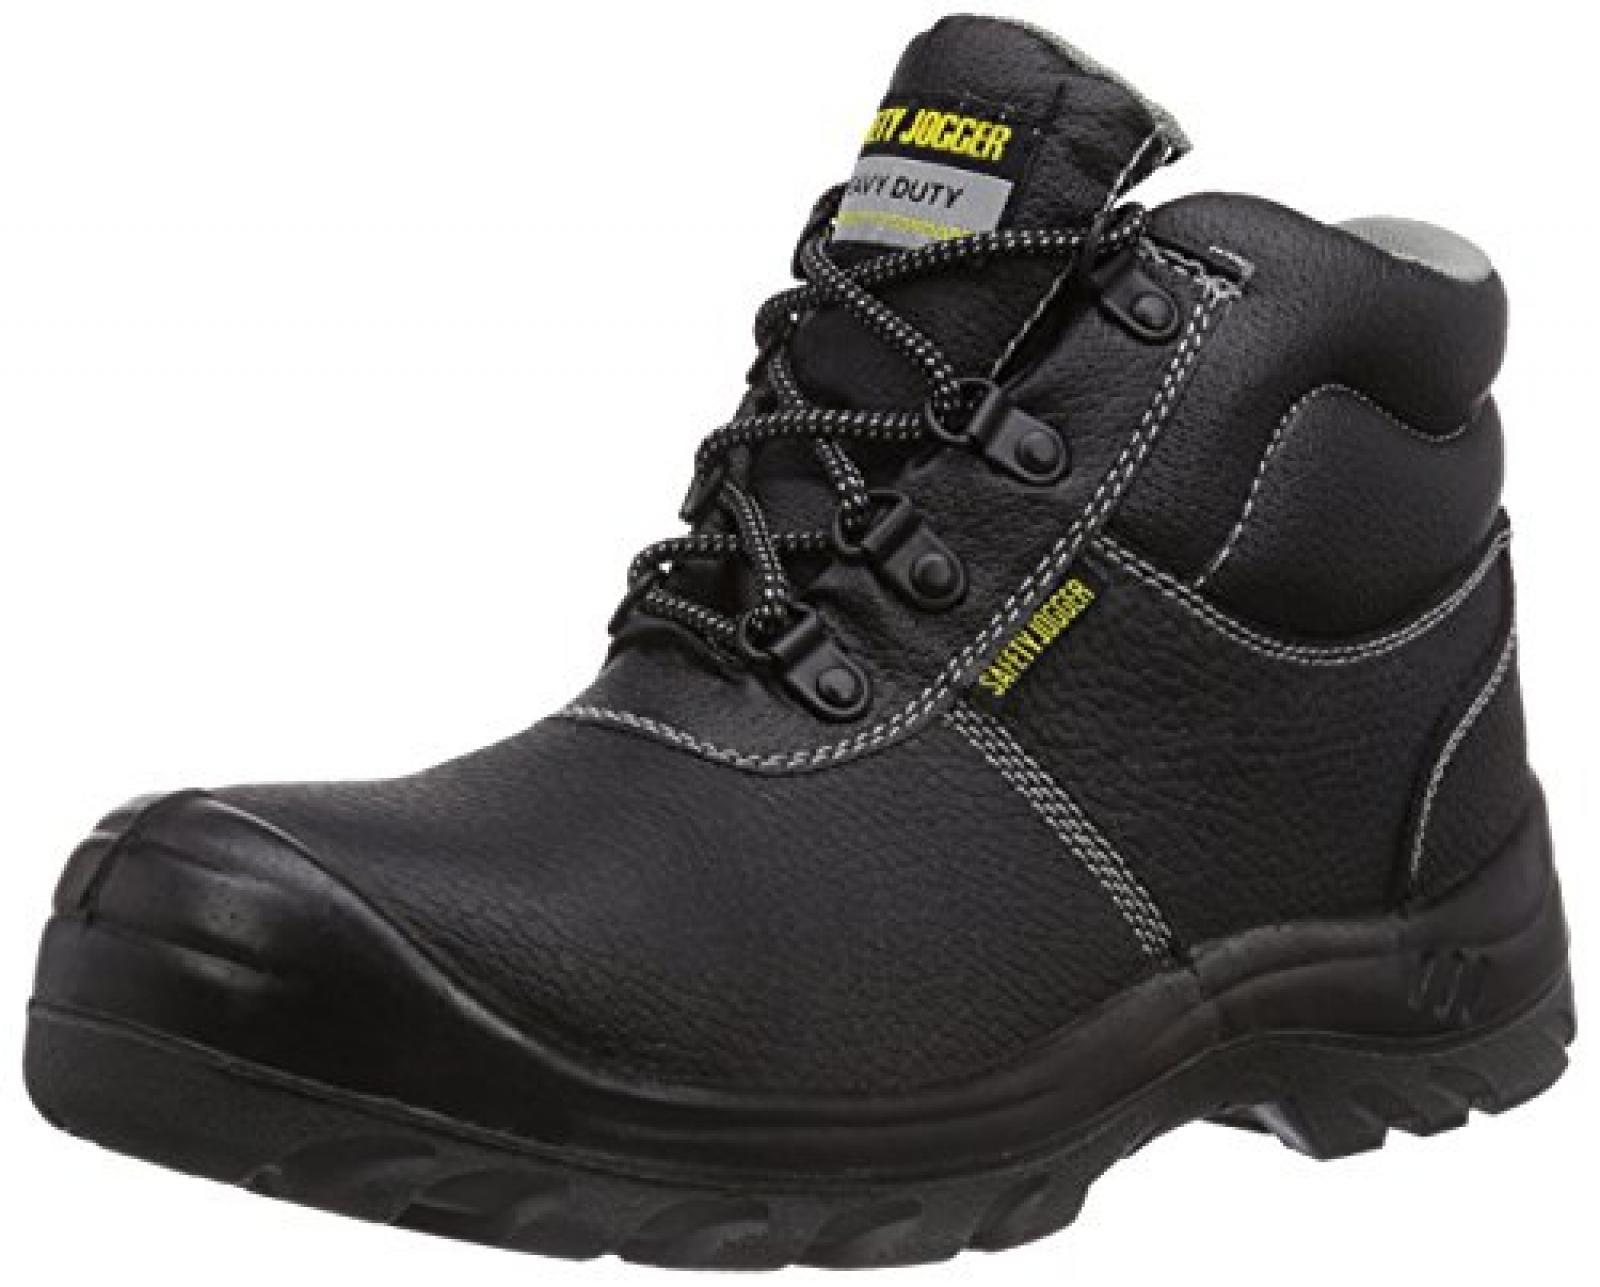 Safety Jogger BESTBOY, Unisex - Erwachsene Arbeits & Sicherheitsschuhe S3